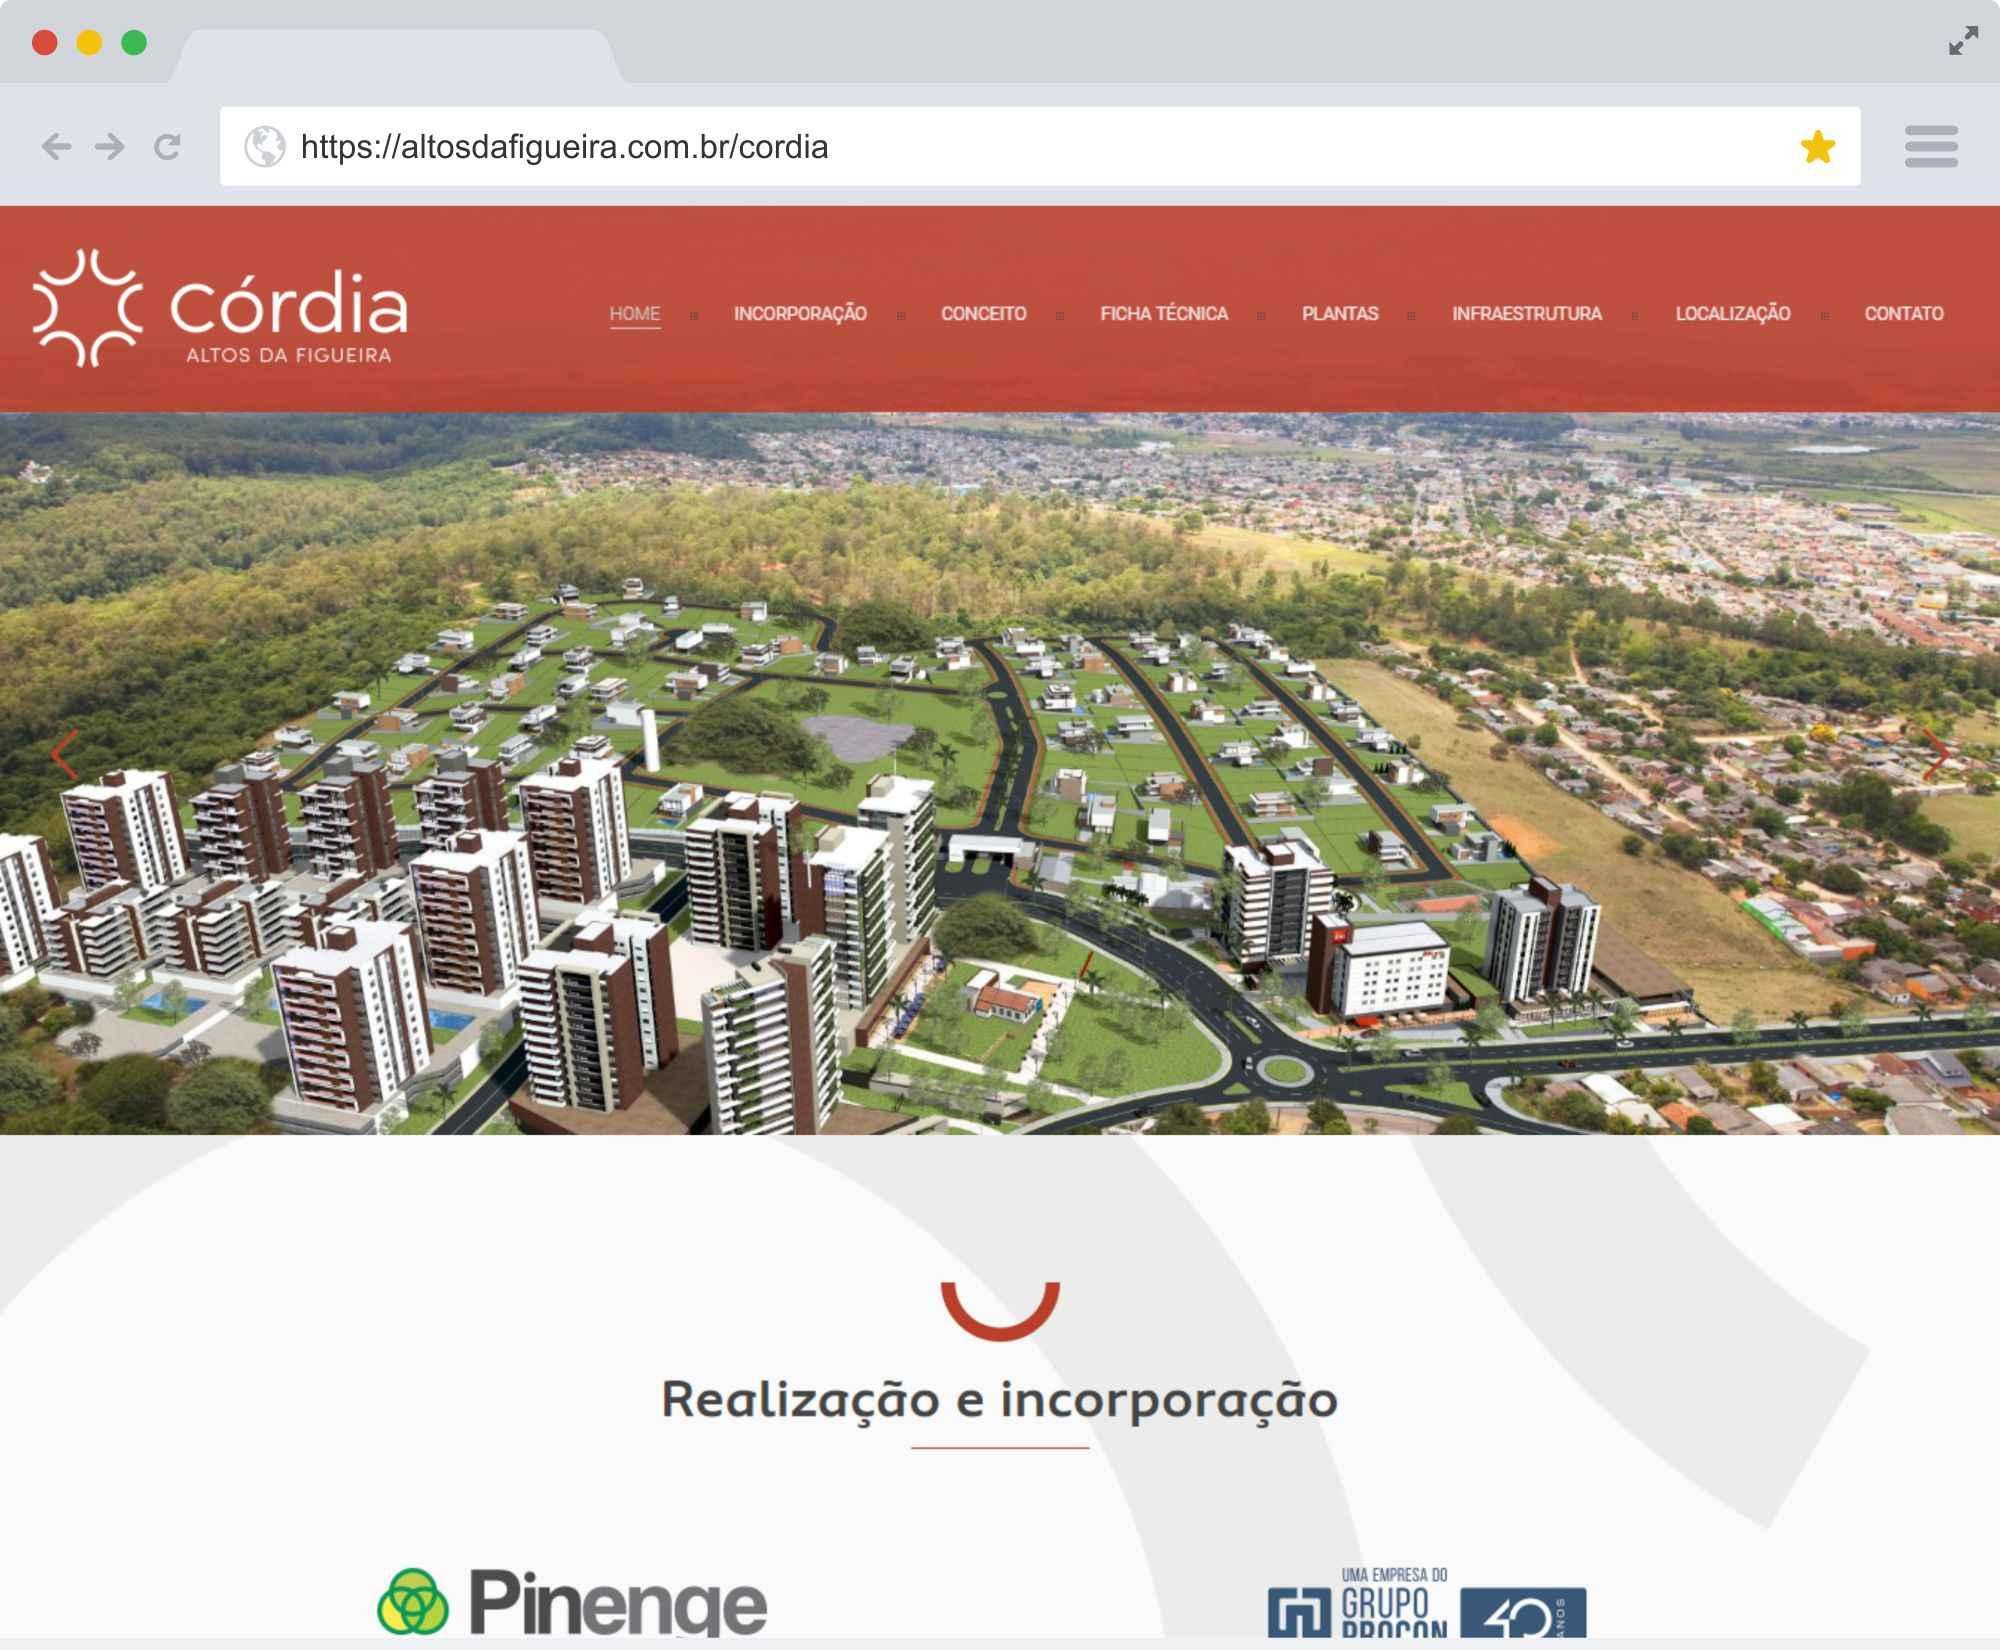 altosdafigueira.com.br/cordia